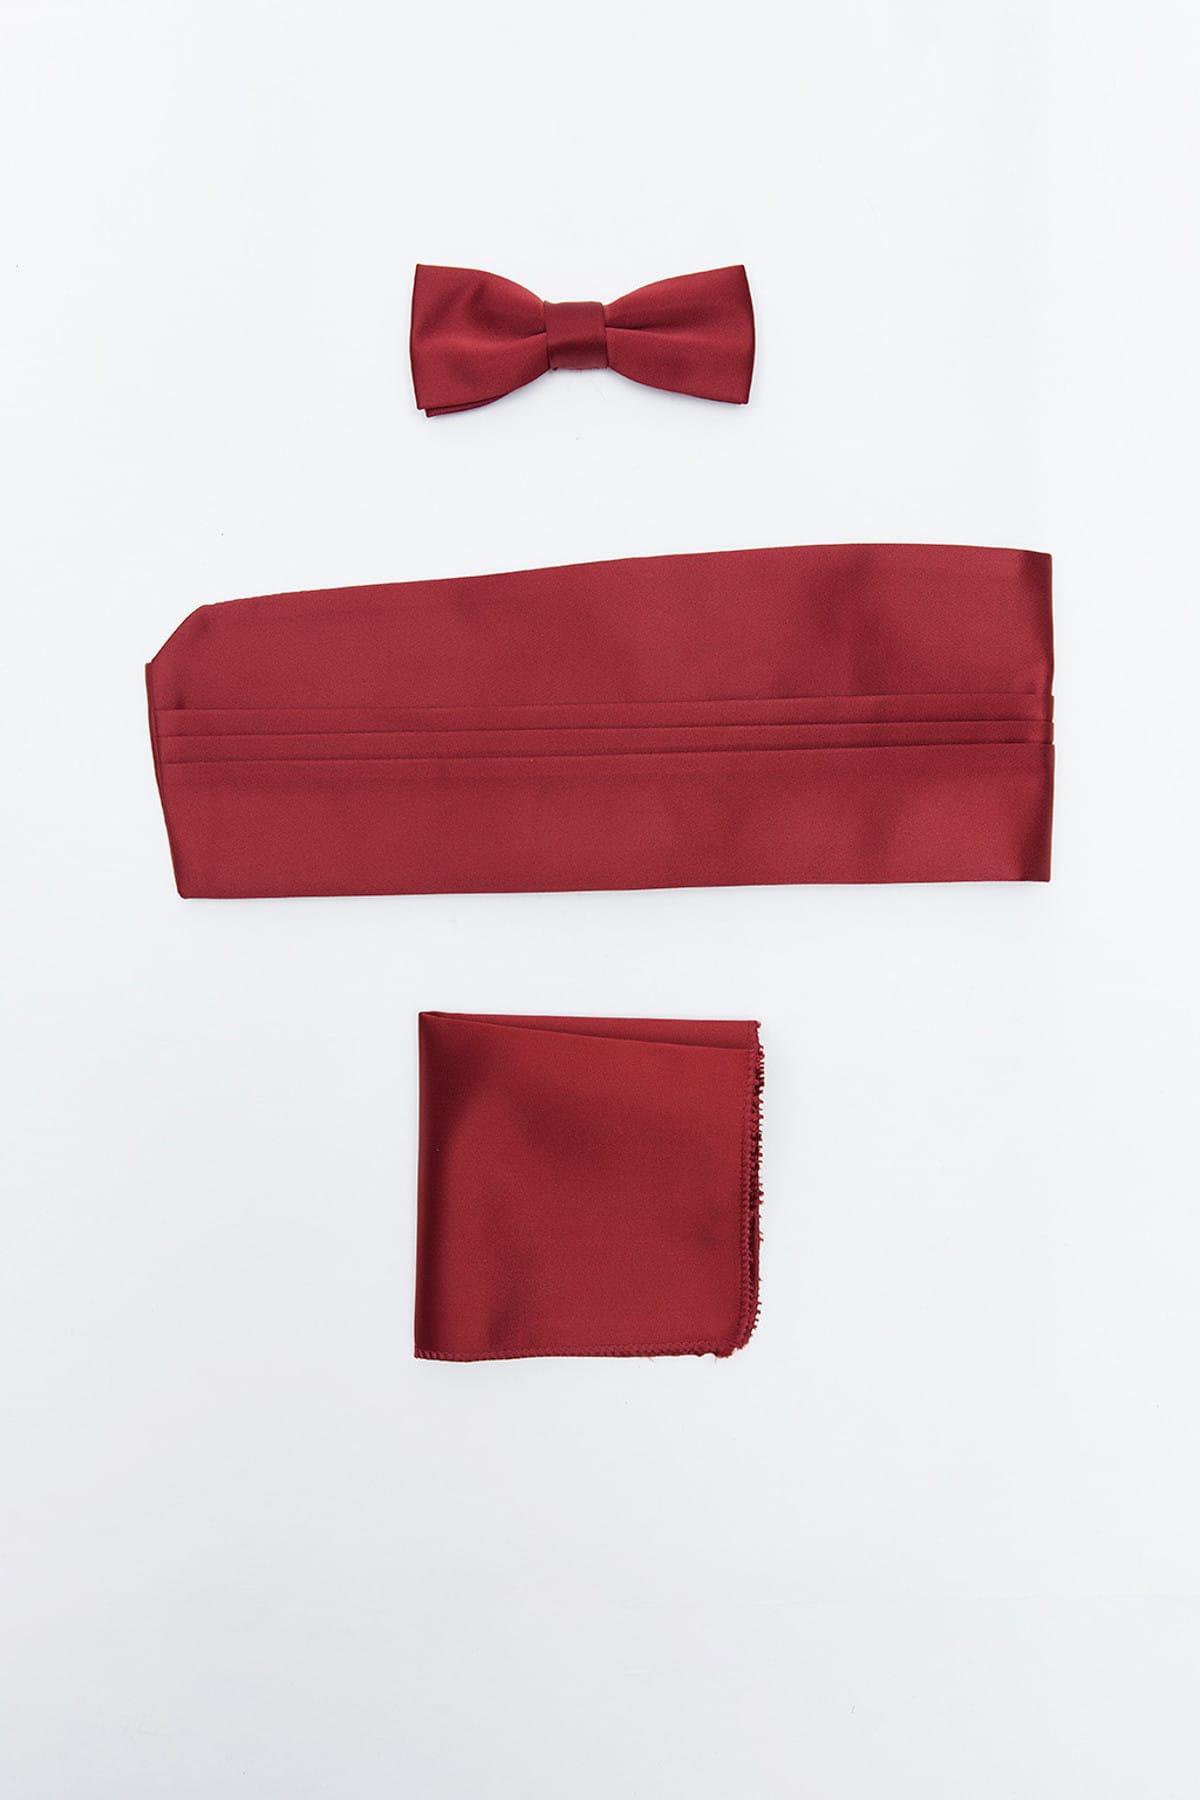 کراوات ترکیه مردانه برند آوا رنگ قرمز ty5930378